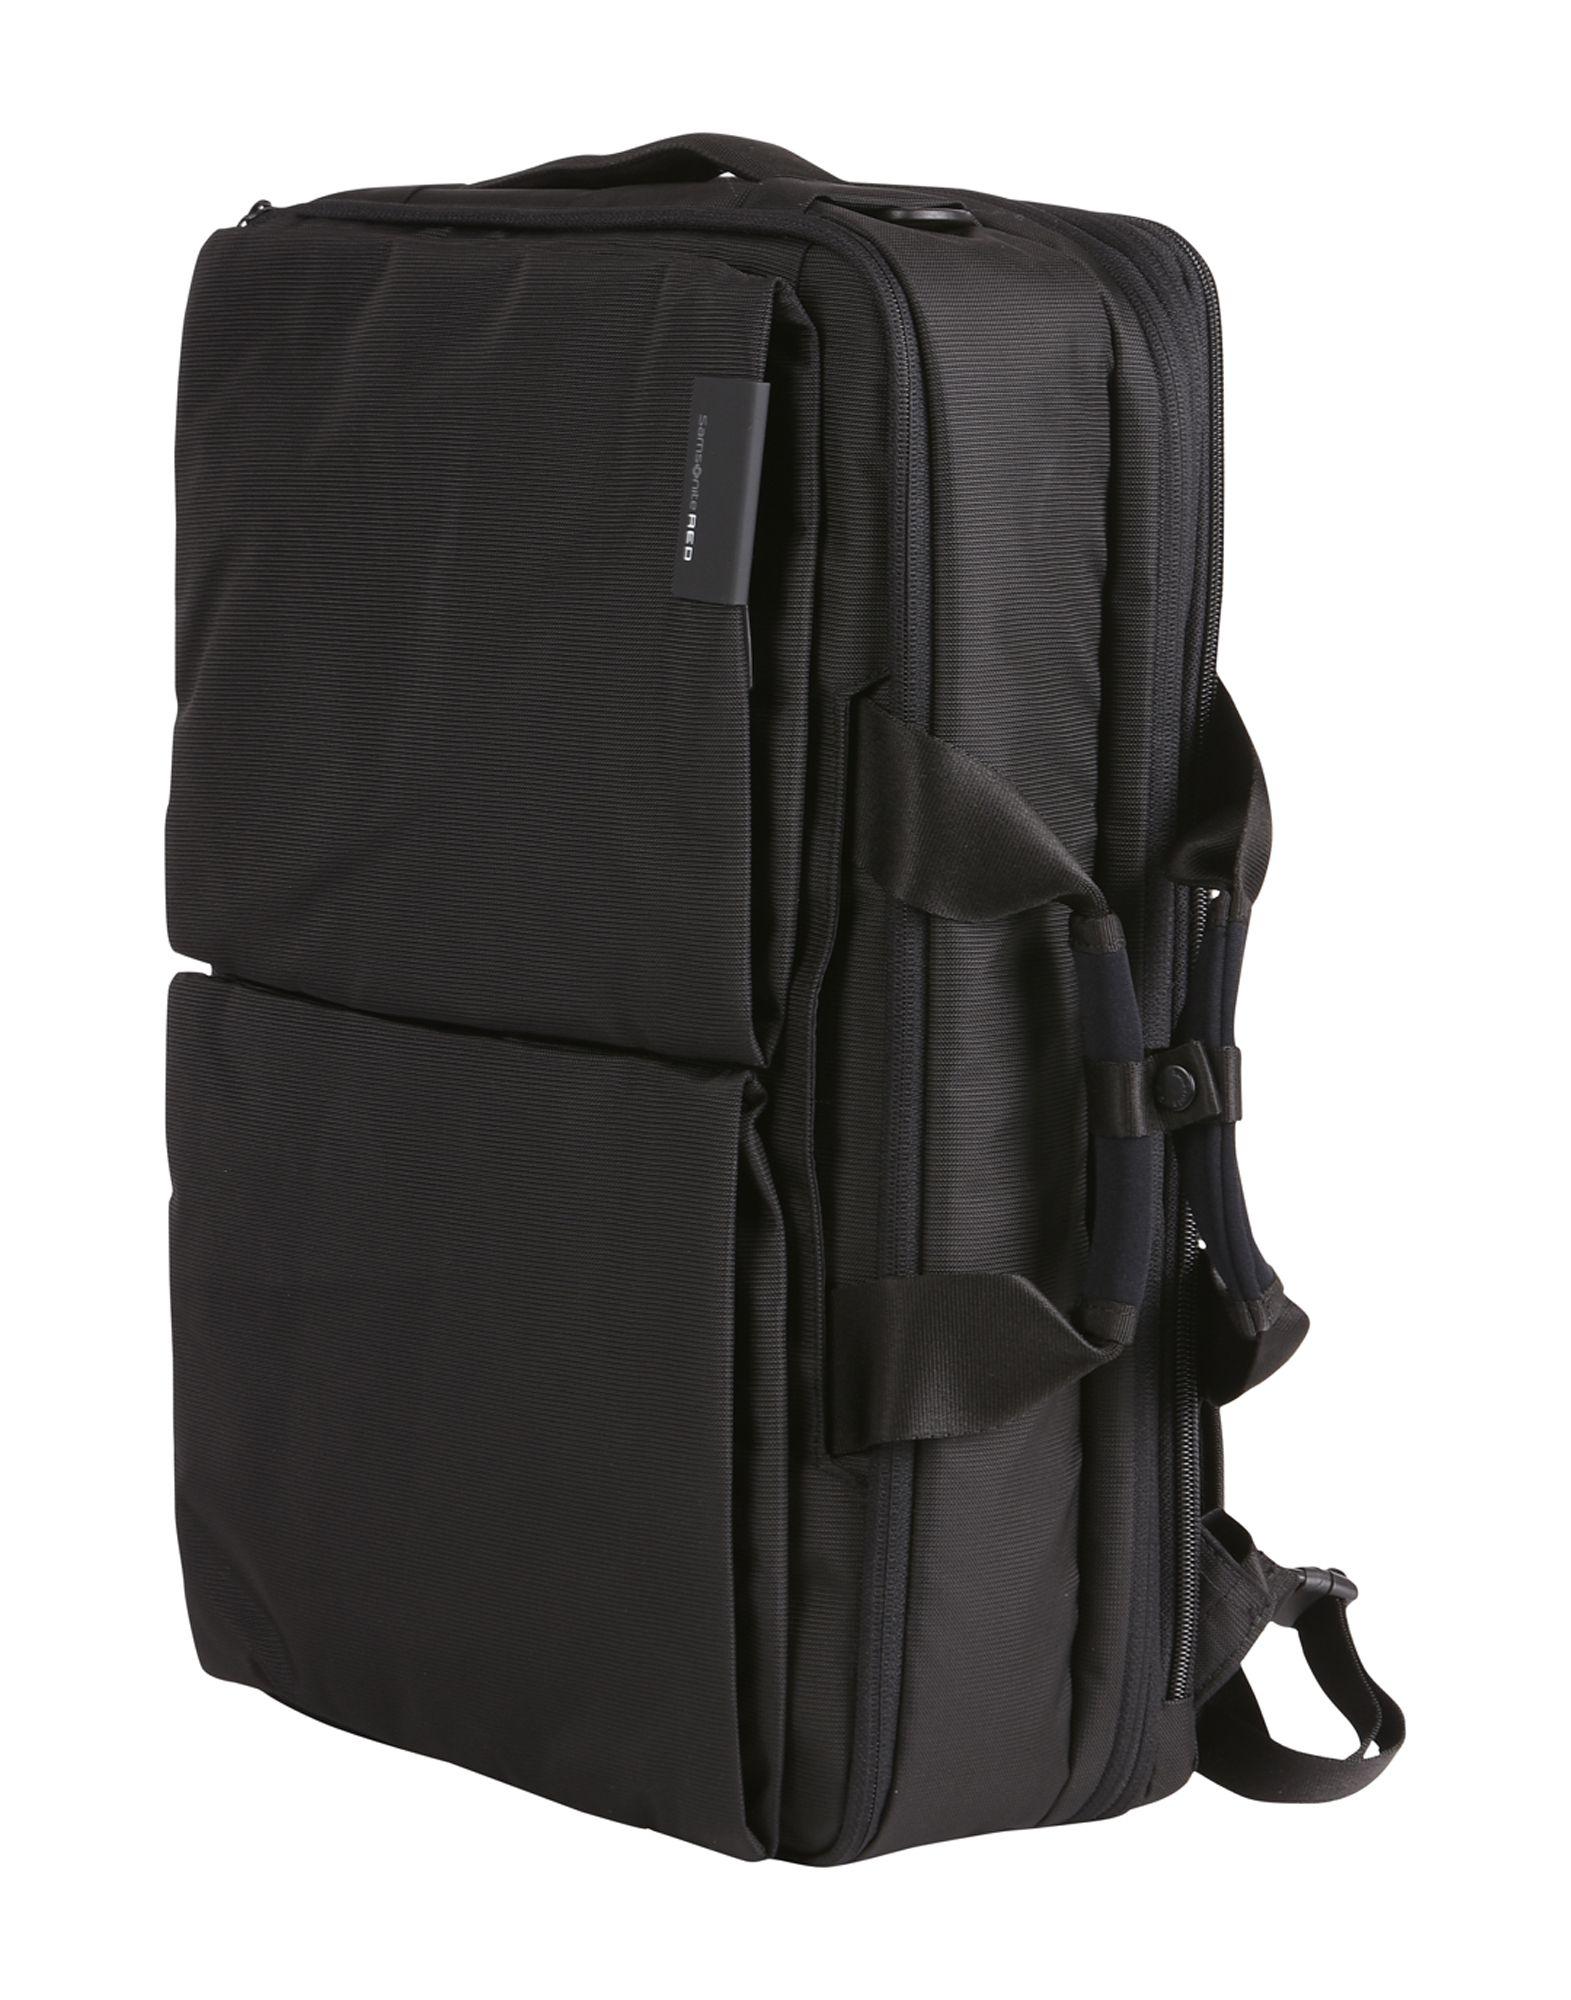 Zaini & Marsupi Samsonite Red Turris Backpack L2 - Uomo - Acquista online su